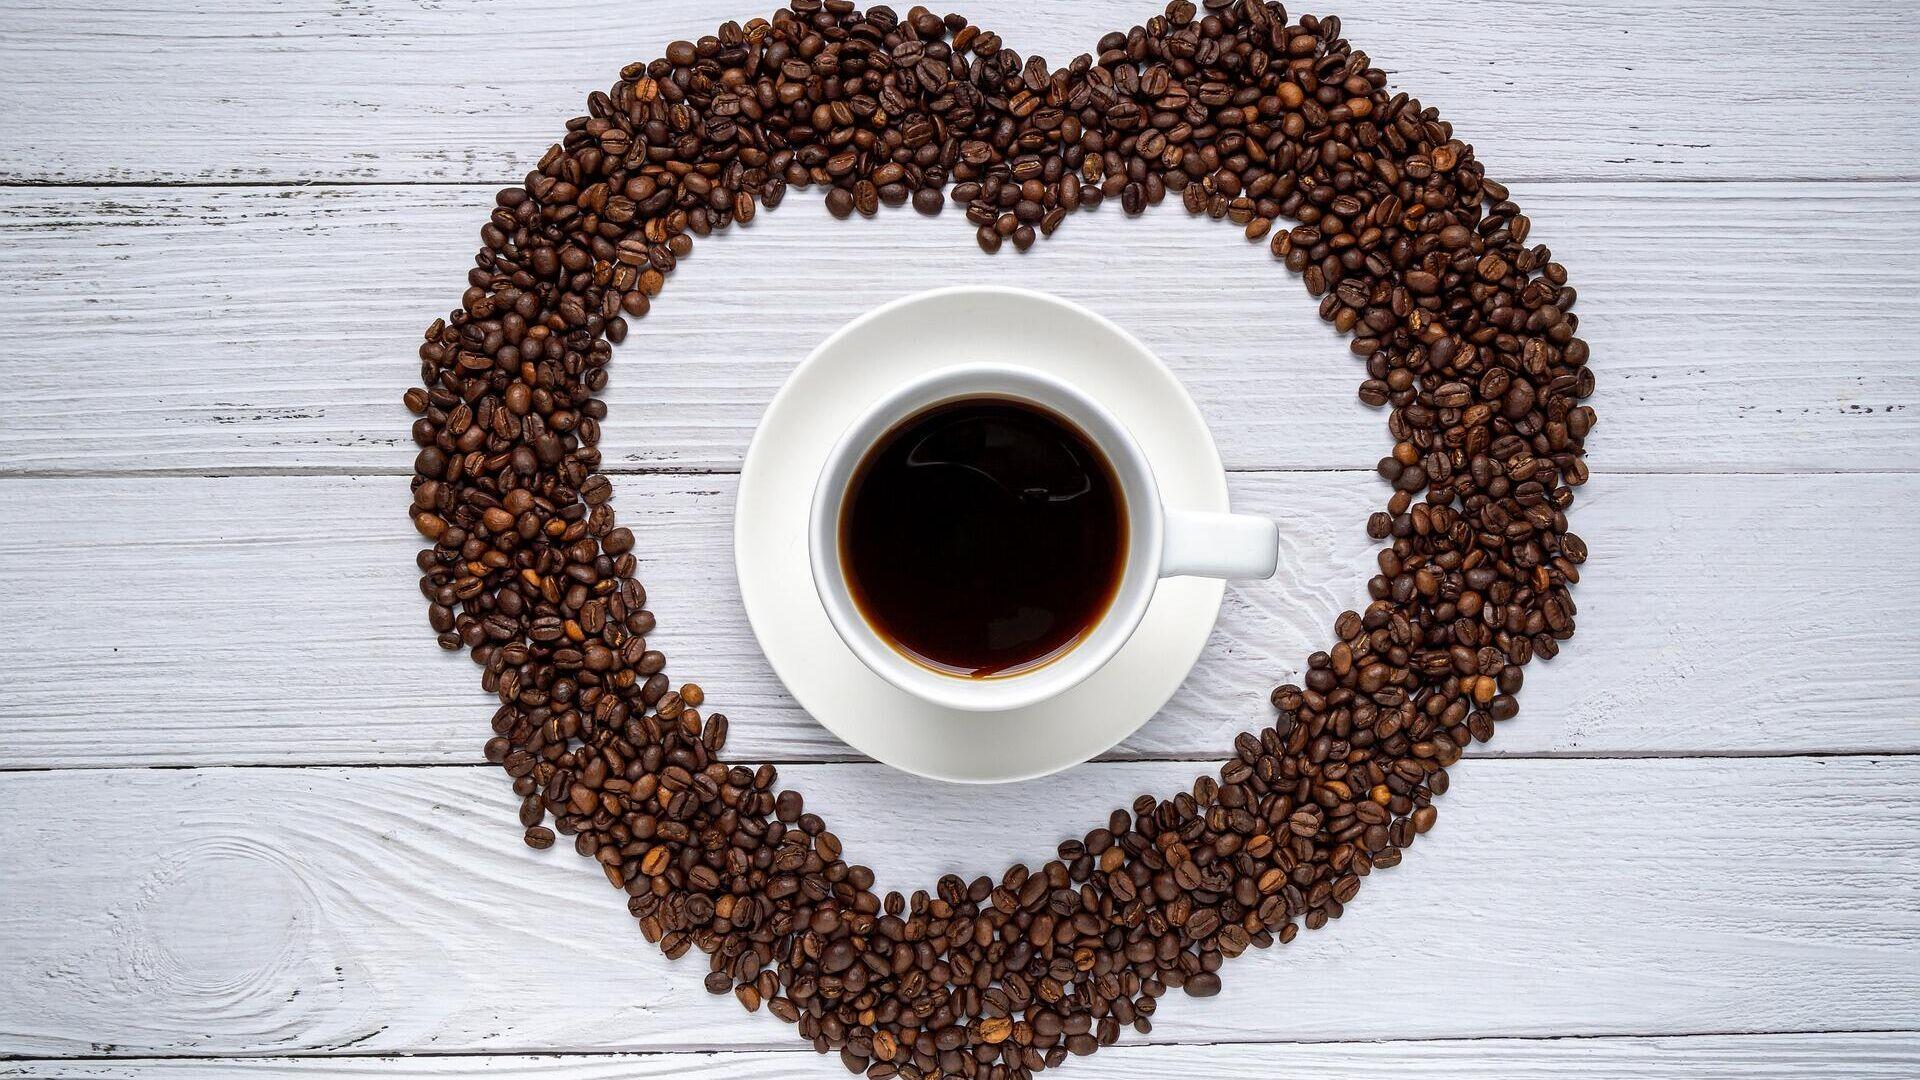 Una taza de café con granos en forma de corazón - Sputnik Mundo, 1920, 10.06.2021